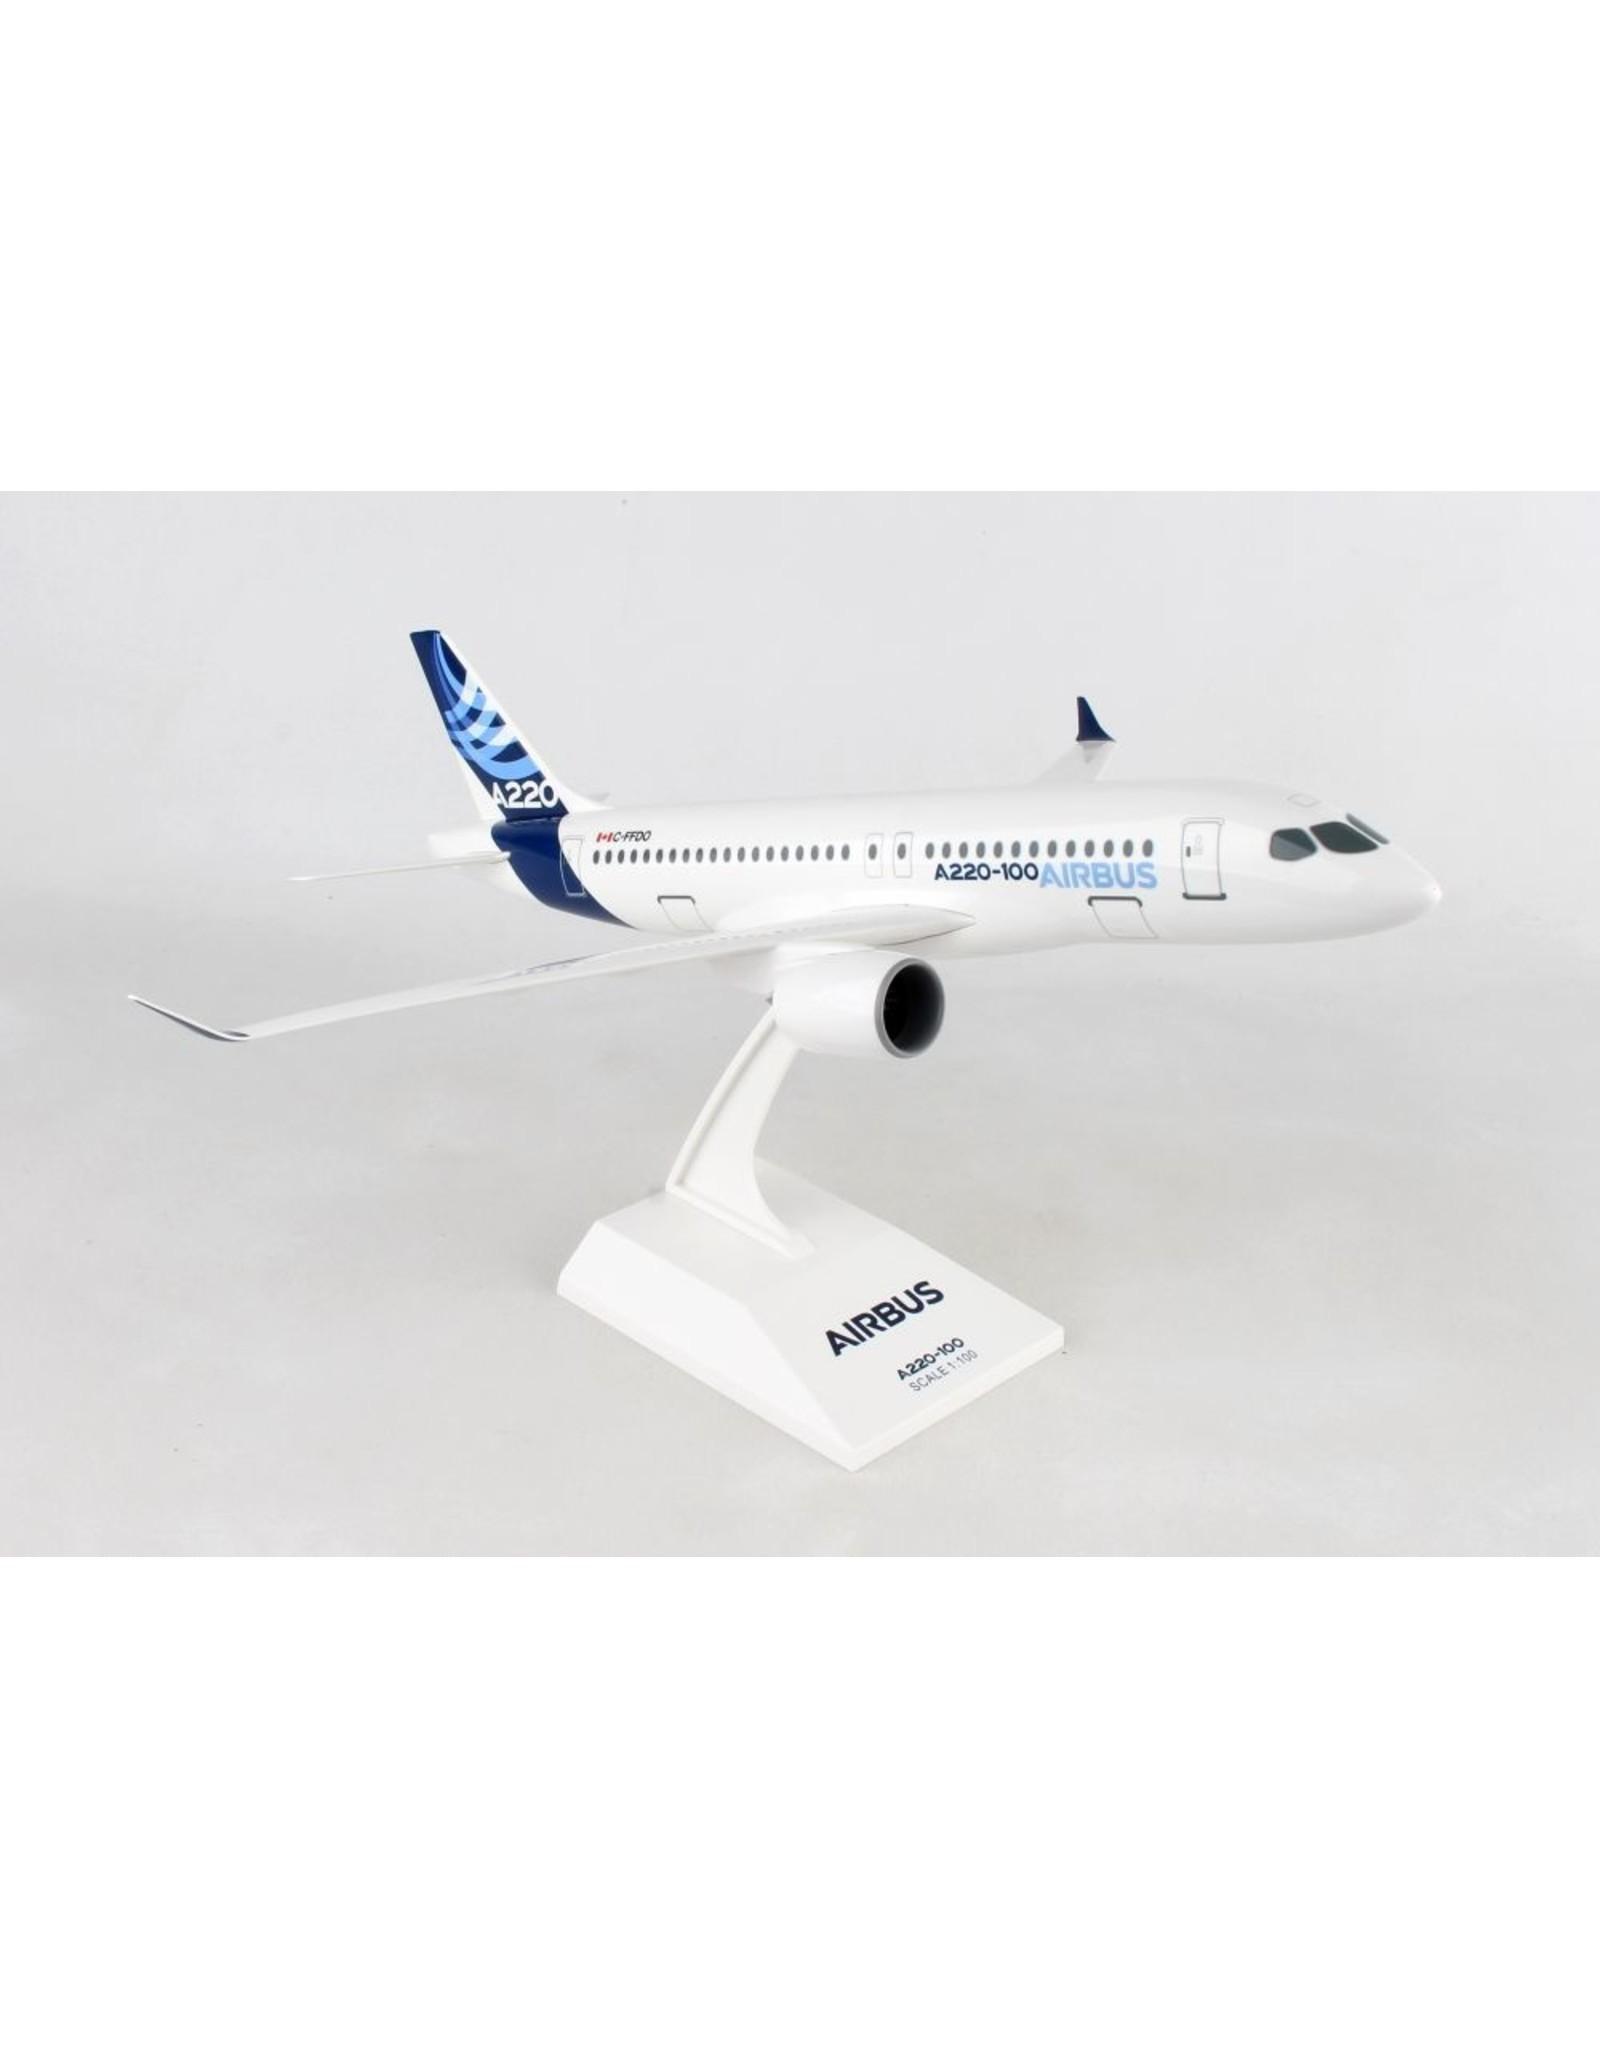 Skymarks Skymarks Airbus house A220-100